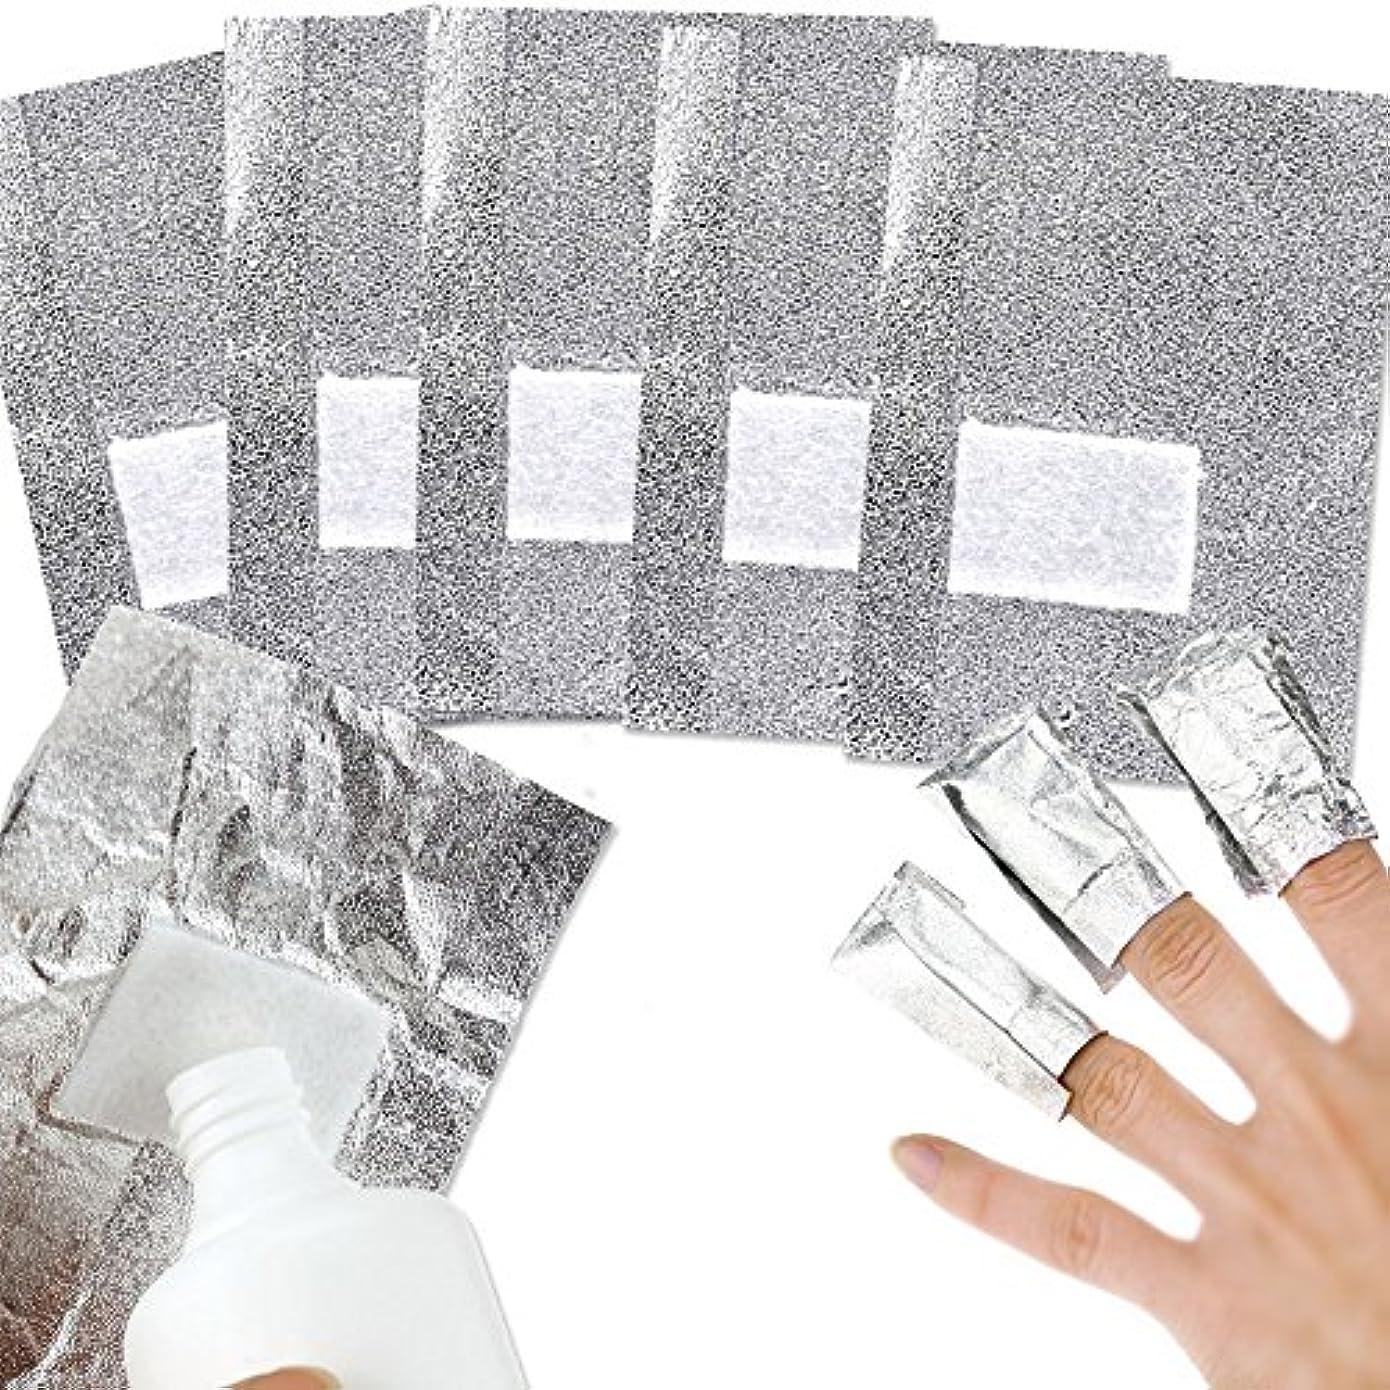 消費するどこでも識字UVジェル リムーバーパッド 100枚入り ネイルポリッシュをきれいにオフする コットン付きアルミホイル ジェル除却 使い捨て 爪マニキュア用品 Pichidr